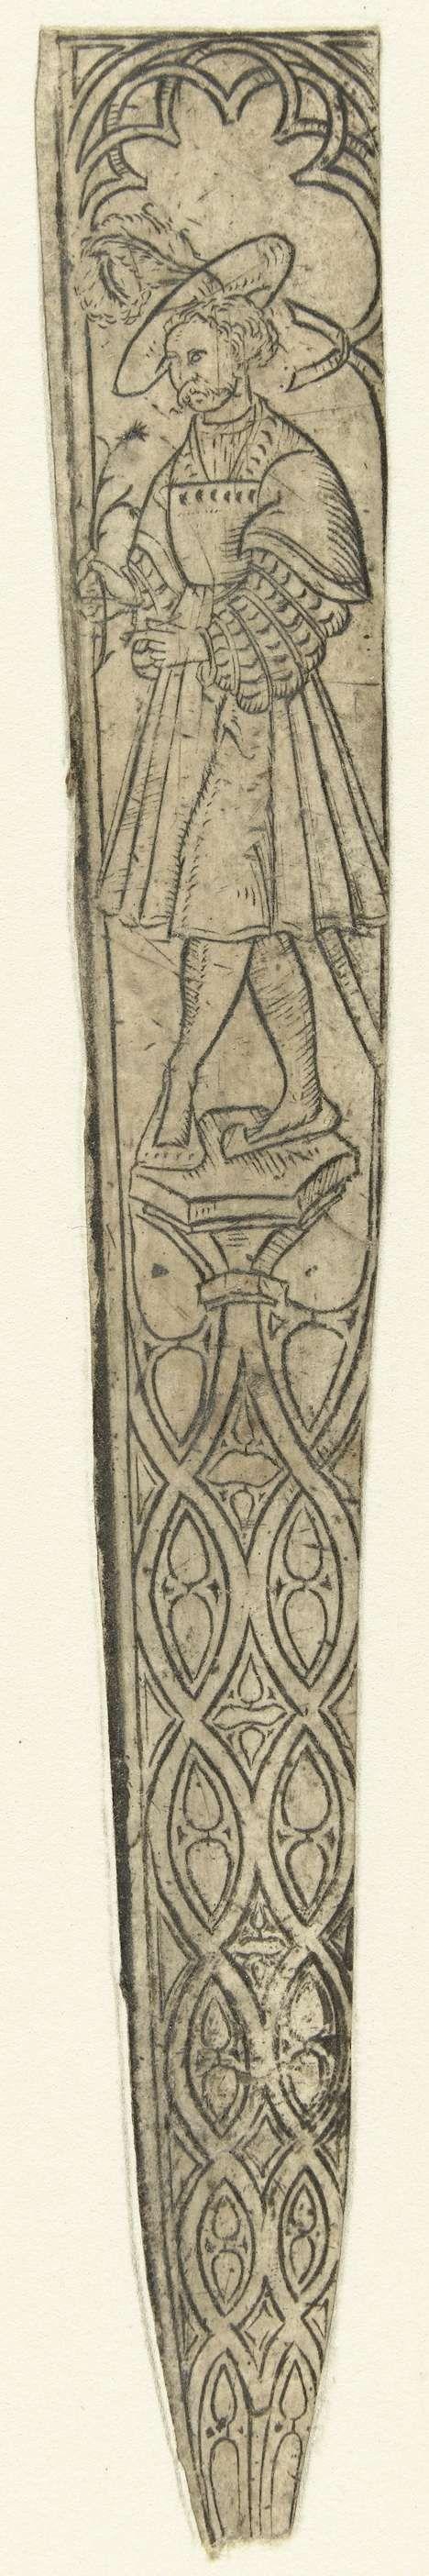 Anonymous | Schede met bovenaan een man, Anonymous, c. 1500 - c. 1600 | Bovenaan staat een man met een hoed op en een bloem in zijn hand onder een gotisch boogje. Het onderste gedeelte is gedecoreerd met geometrische motieven.